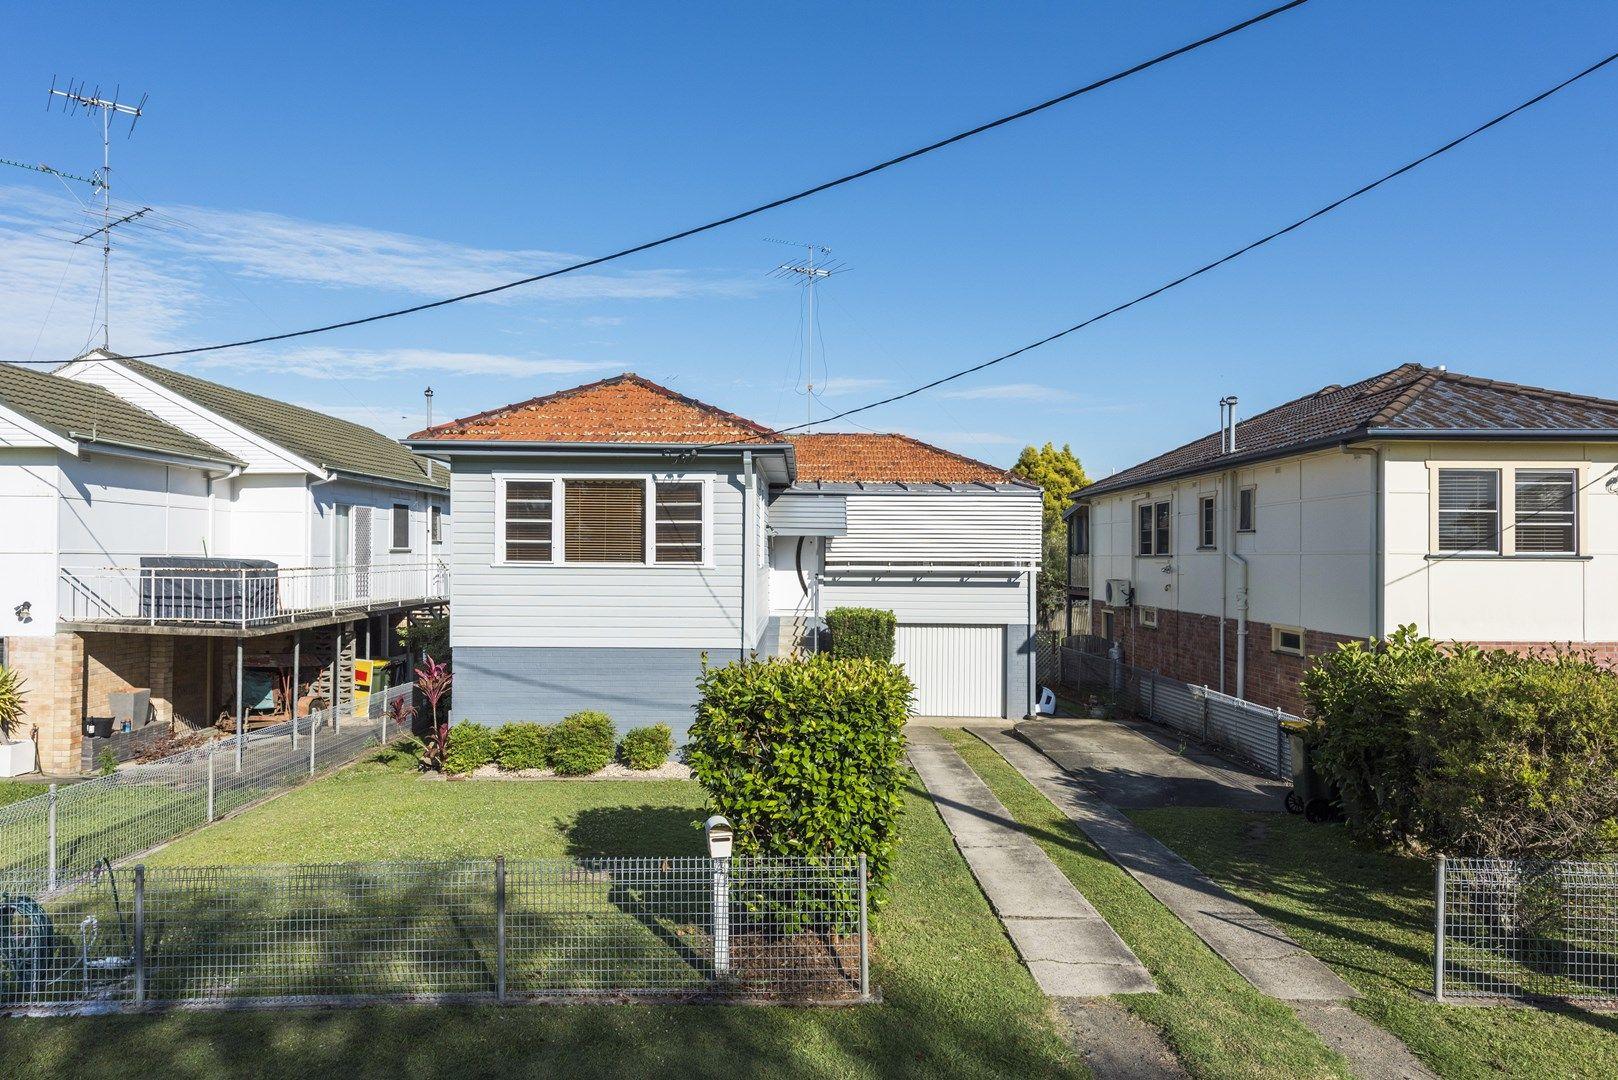 43 McHugh Street, Grafton NSW 2460, Image 0